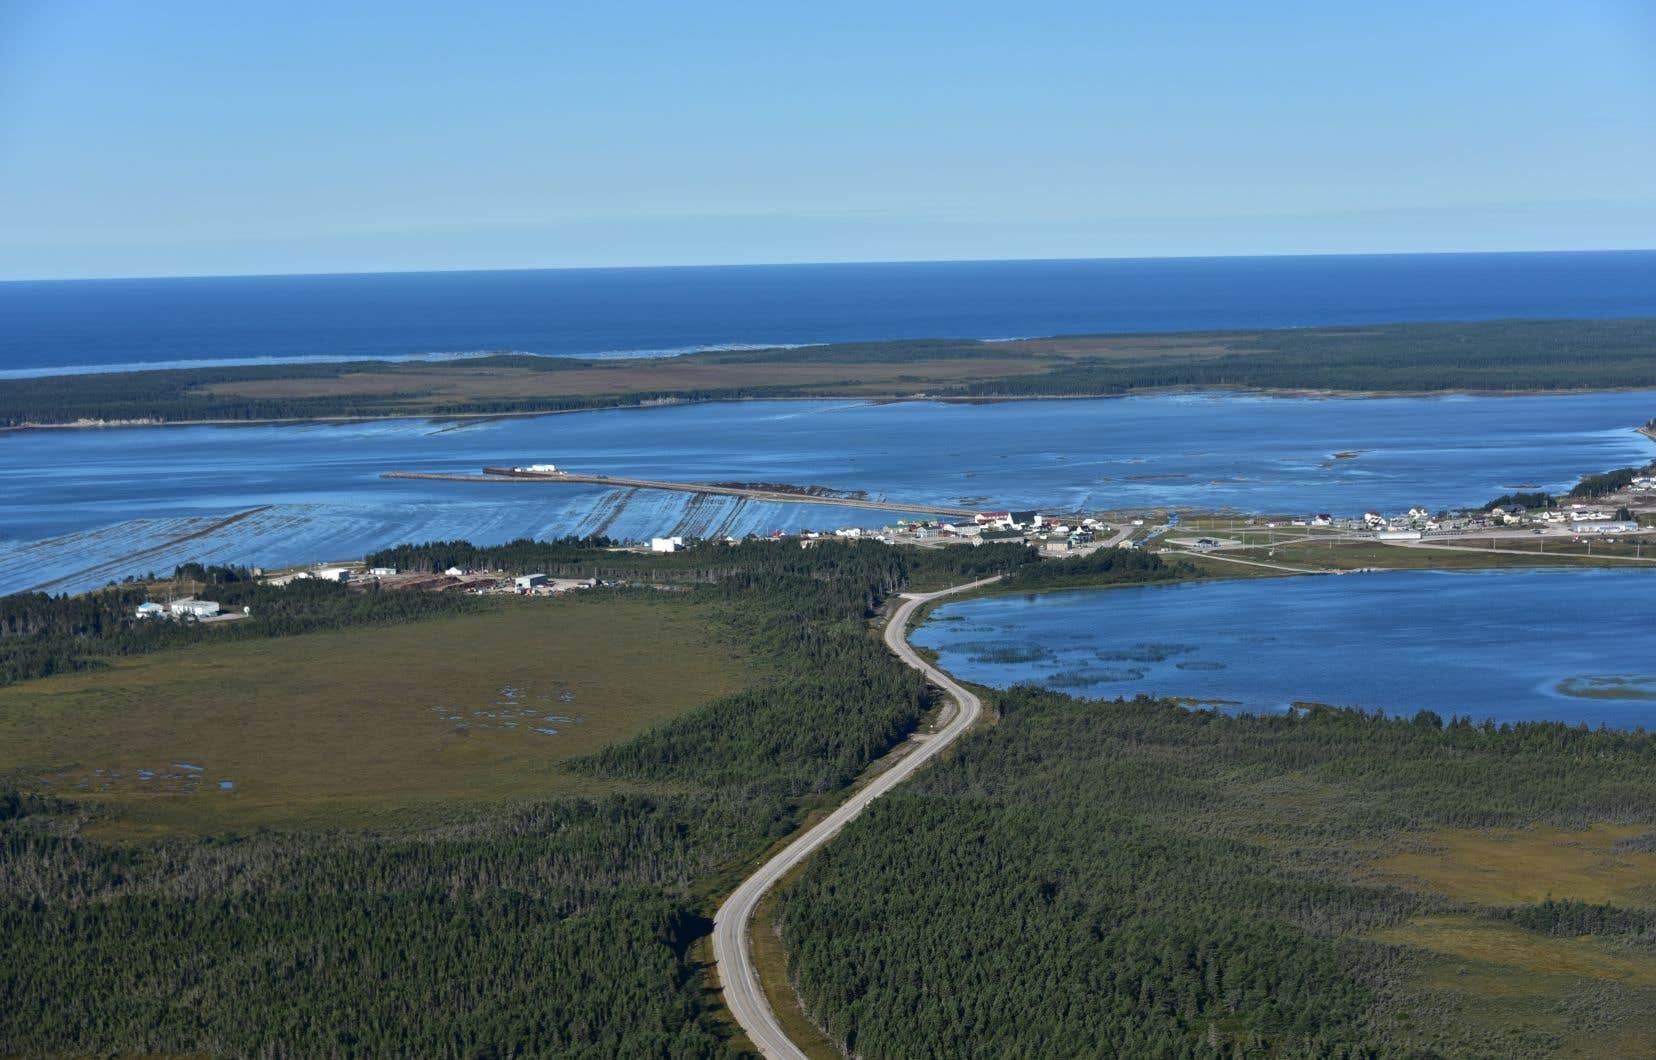 La CAQ est ouverte à examiner les éventuels projets d'exploration pétrolière et gazière sur cette grande île au milieu du Saint-Laurent.